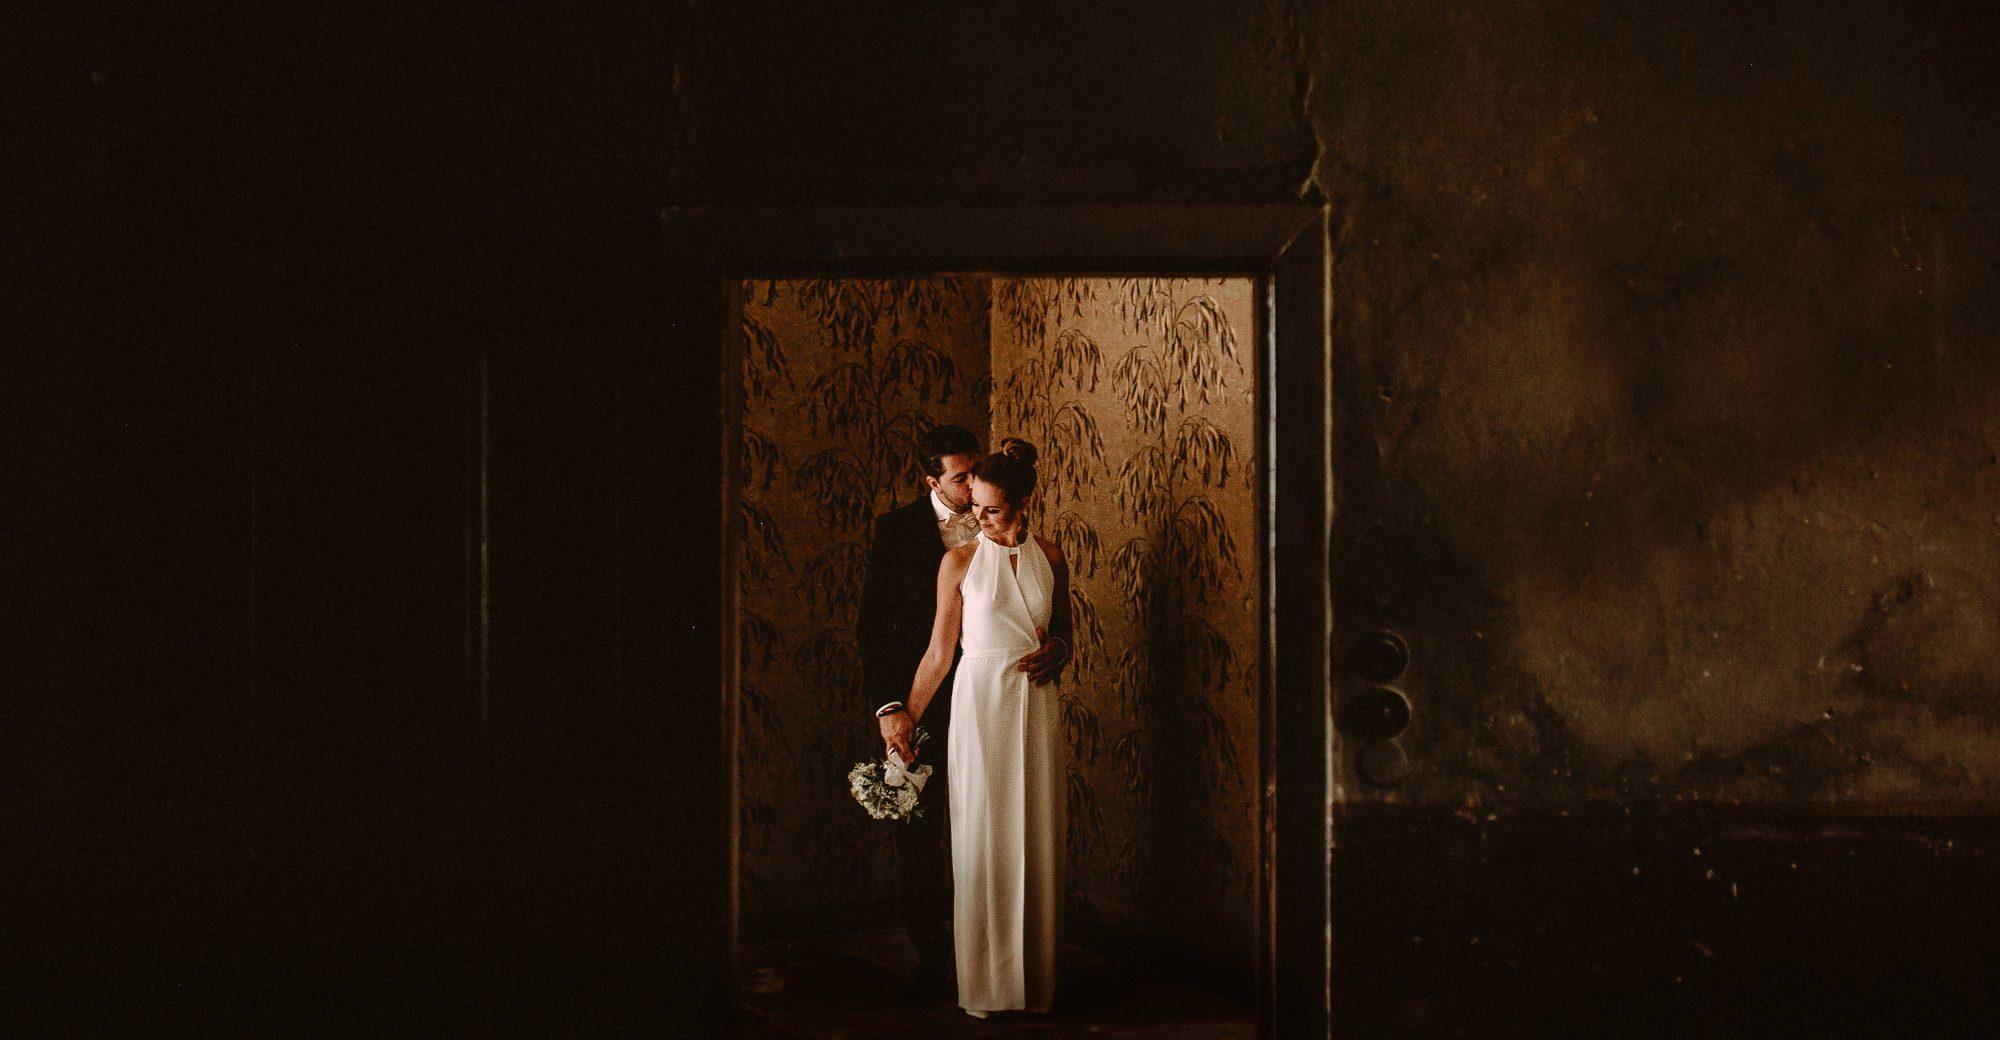 Bester Hochzeitsfotograf in Berlin